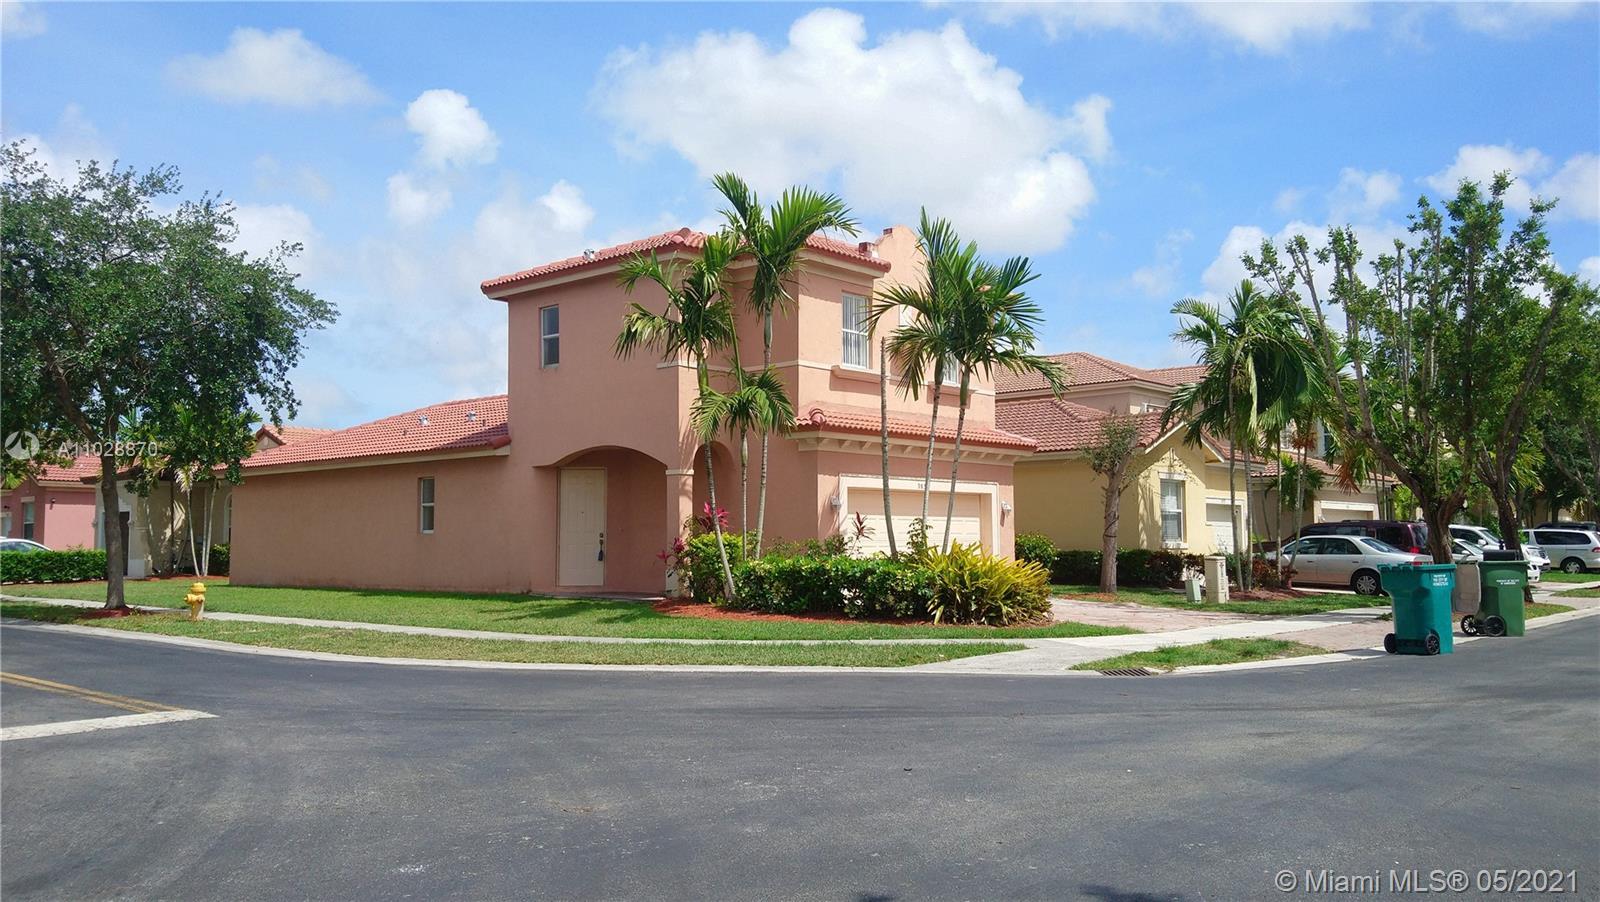 983 Ne 37th Ave Property Photo